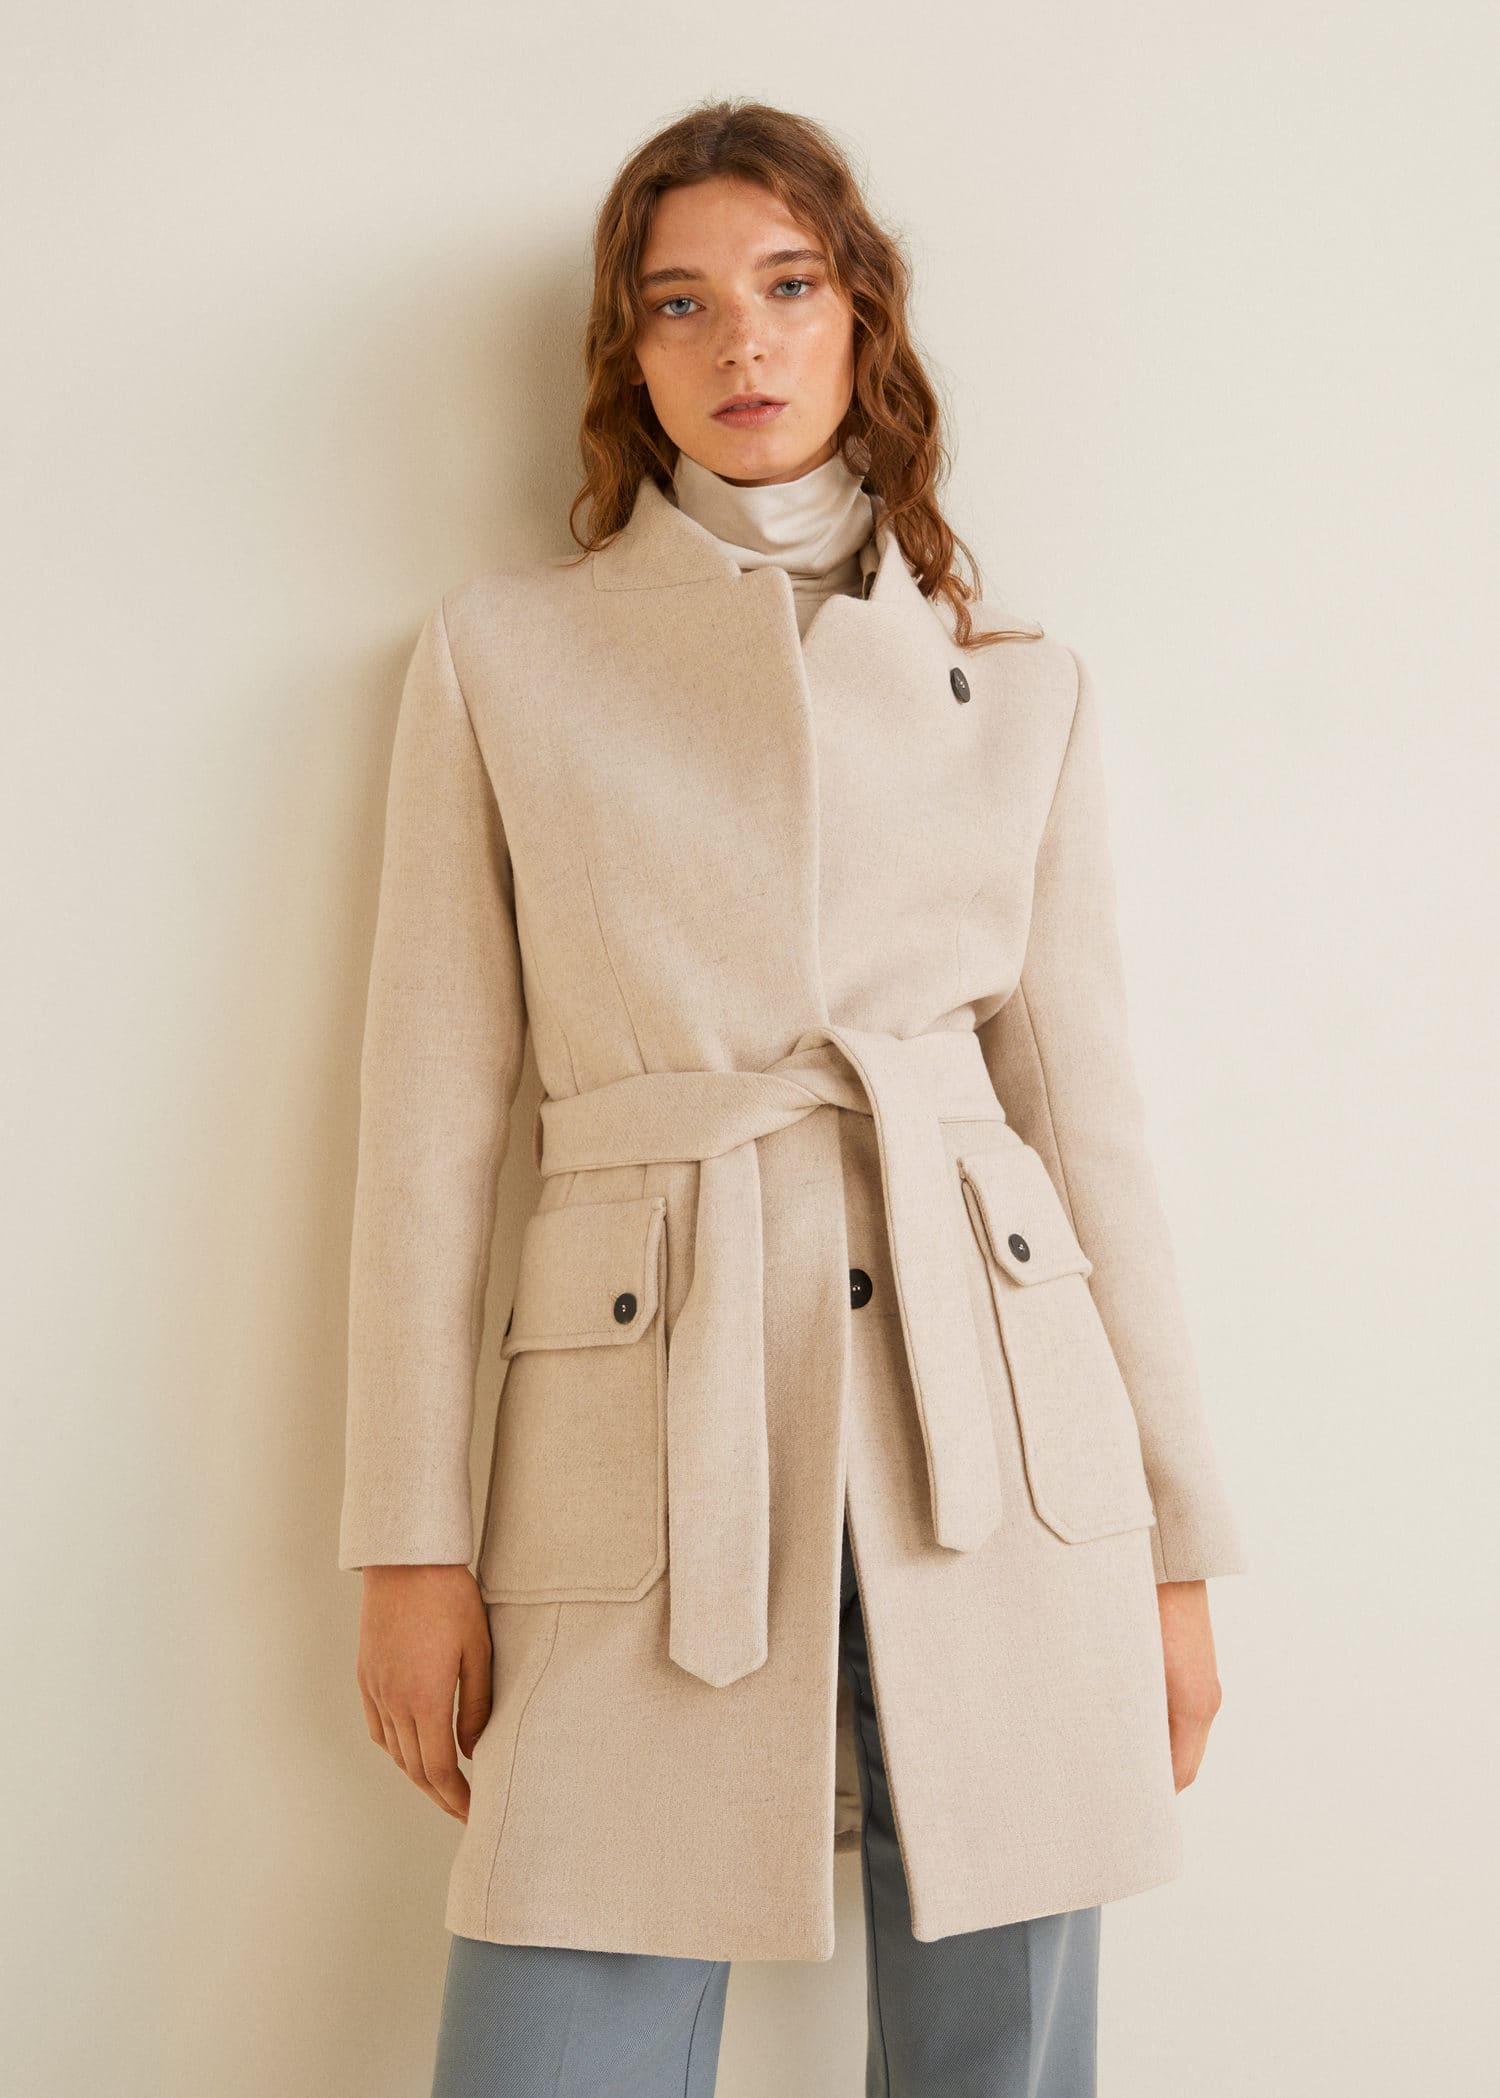 Manteau en laine avec ceinture - Femme   Mango Tunisie 0d6e02d57eb